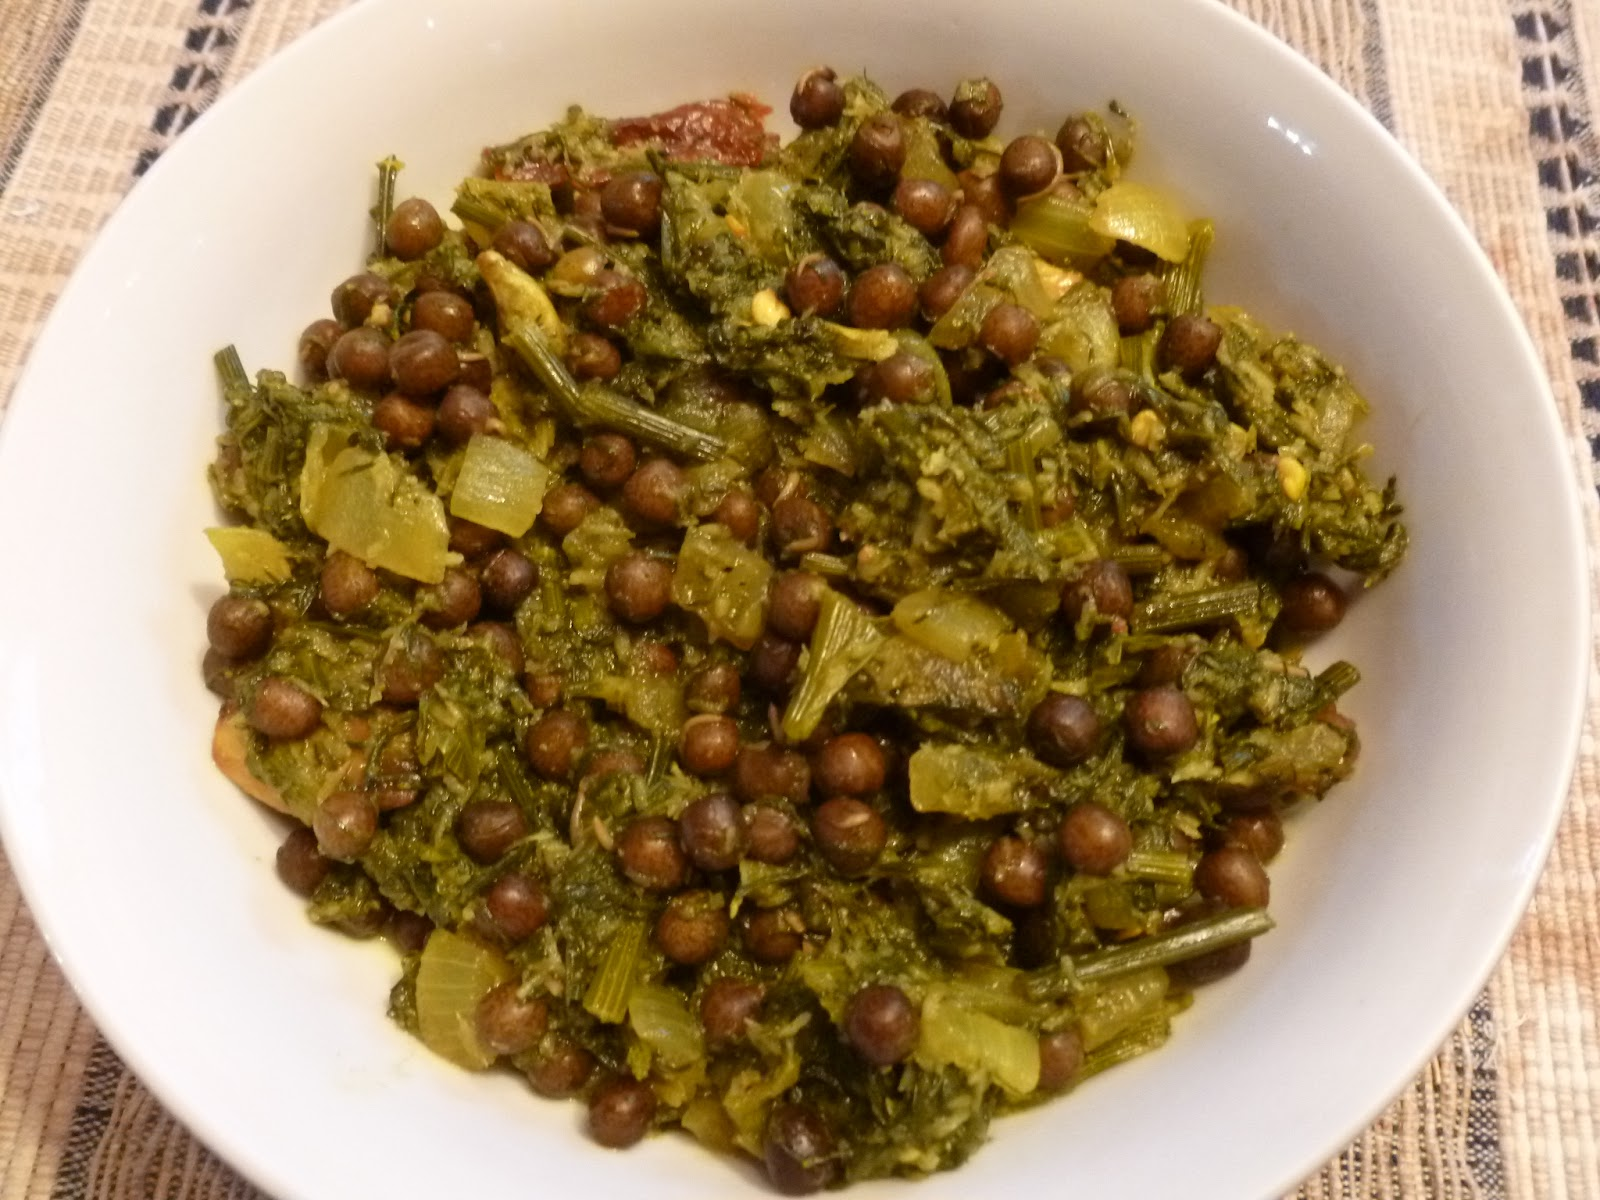 Enjoy indian food shepu chi bhaaji2 shepu chi bhaaji2 forumfinder Image collections